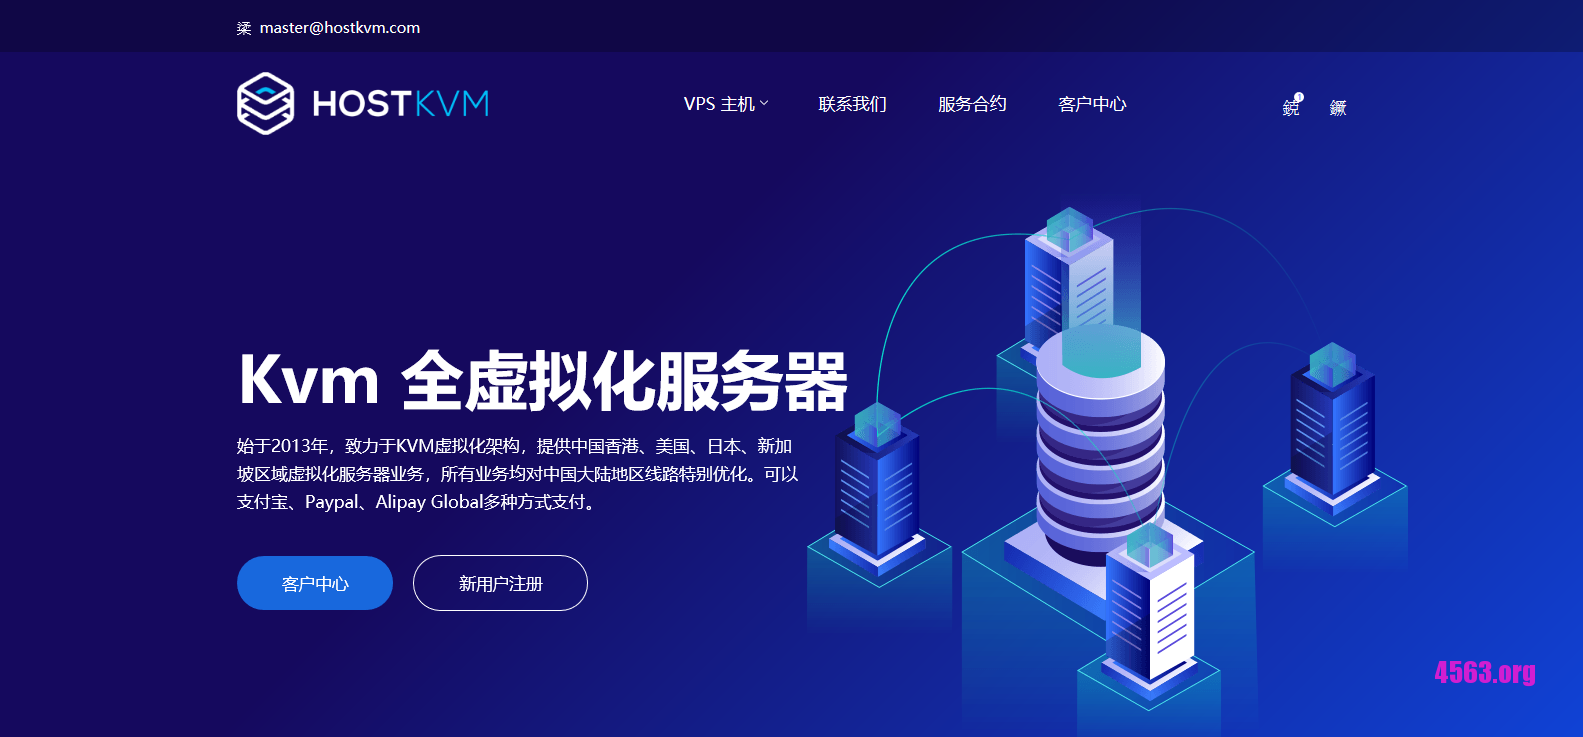 HostKvm:396元/年/2GB内存/30GB空间/300GB流量/30Mbps/KVM/日本/新加坡